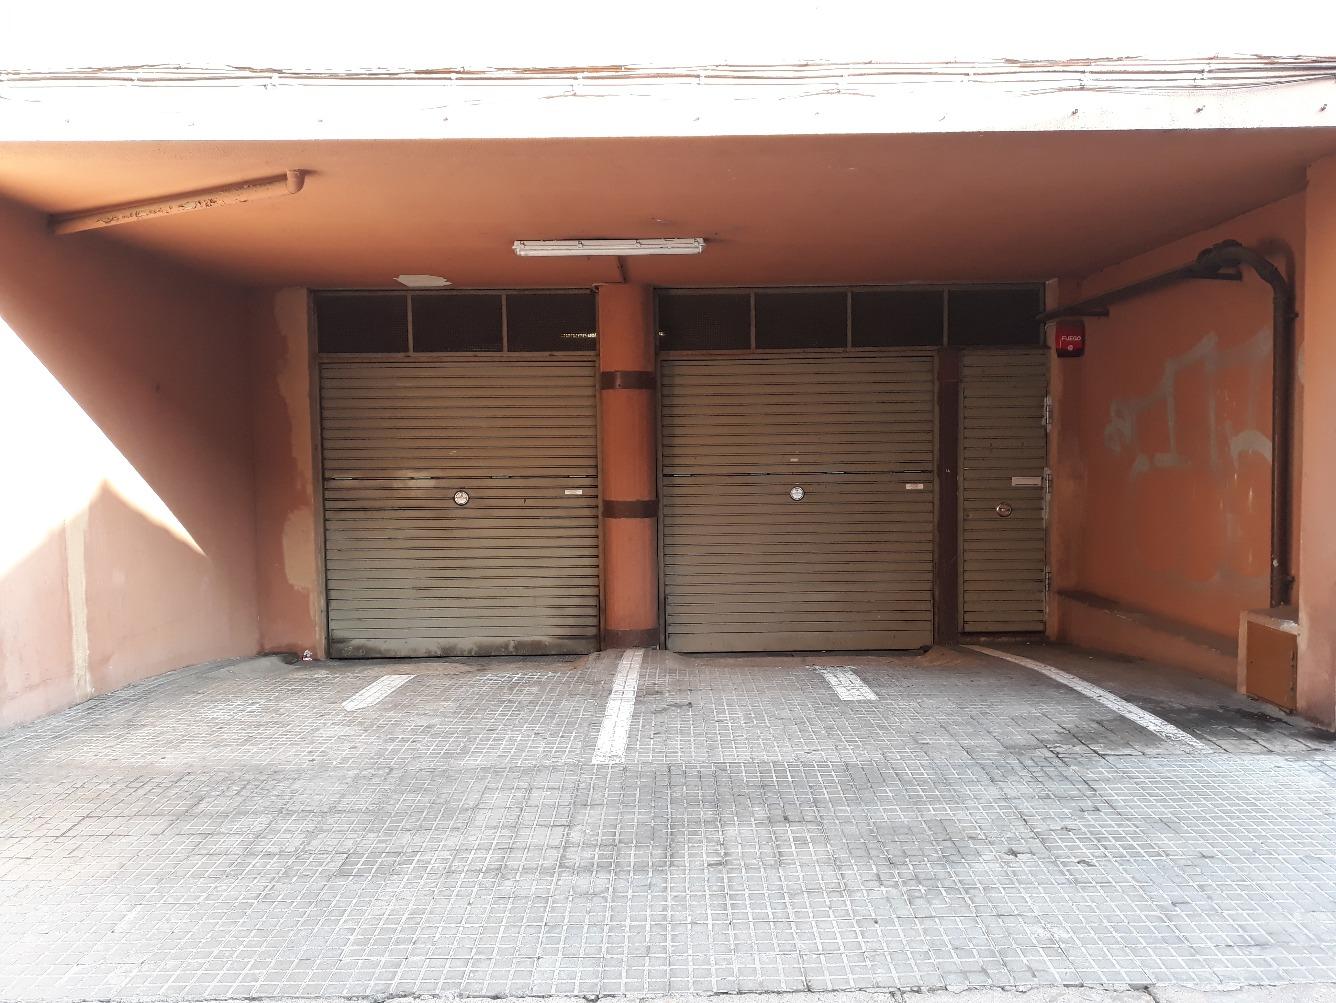 Parking coche  Calle santiago, 3